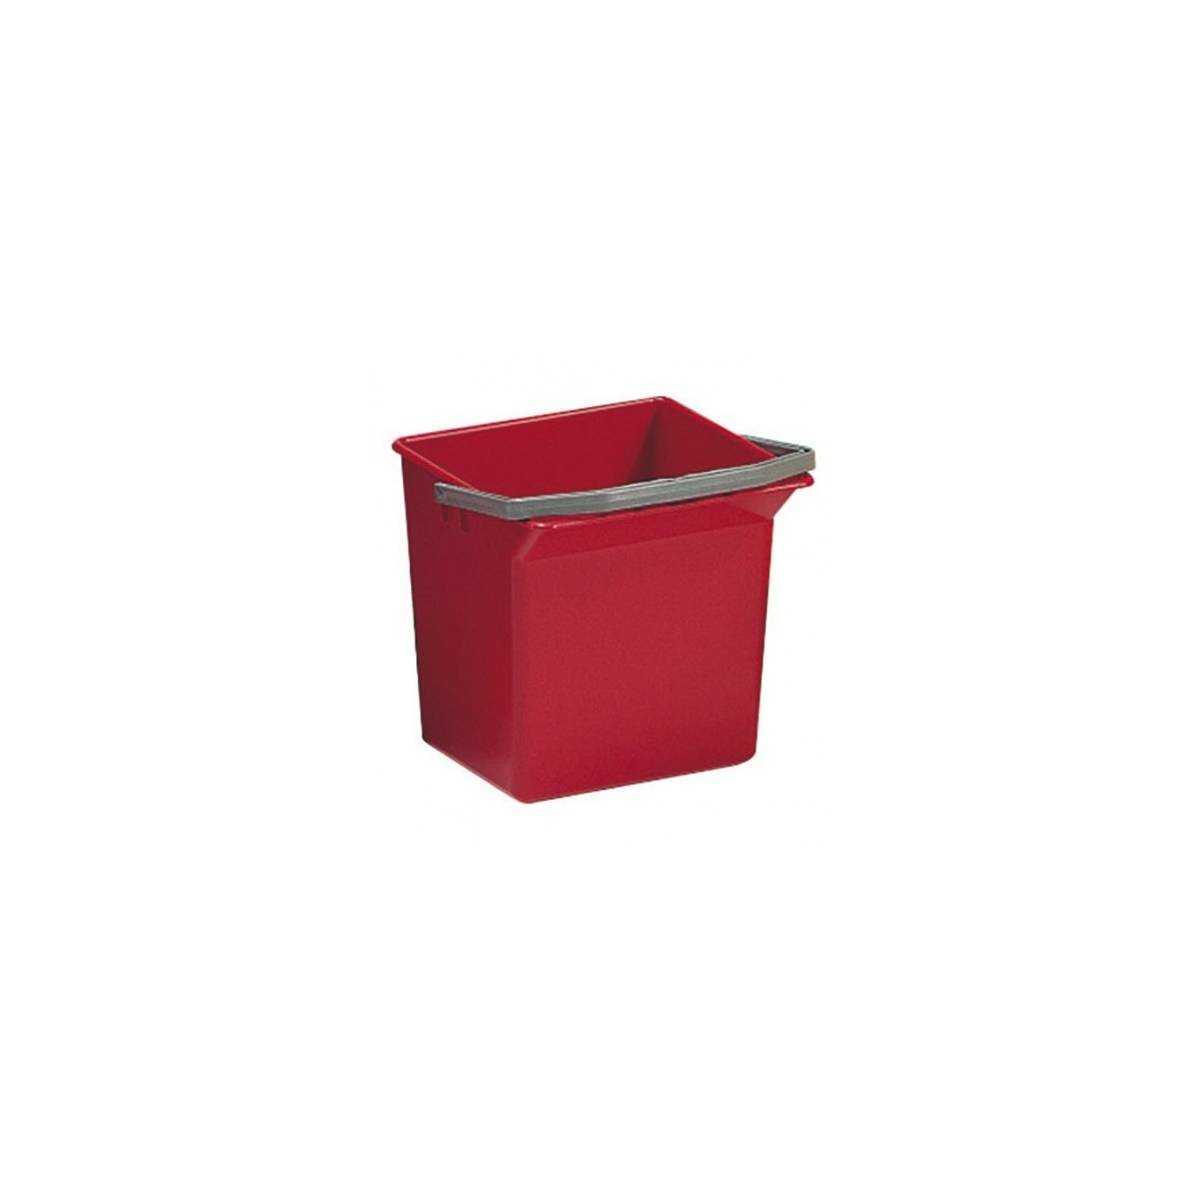 Ведро для уборки с ручкой 6л (Красного цвета) 3505 TTS